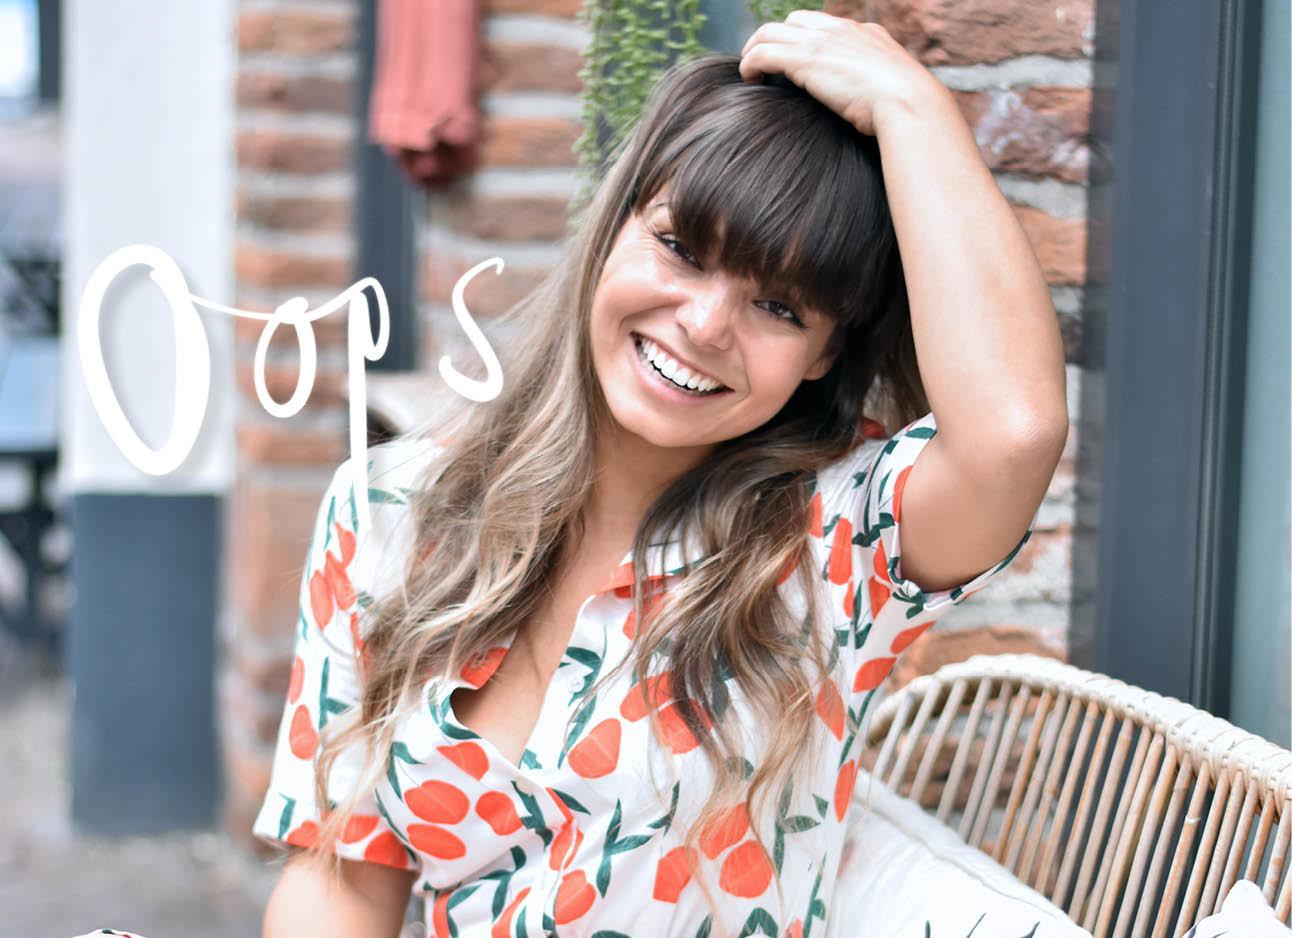 kiki duren lachend in zwolle op een bankje in een zomers jurkje